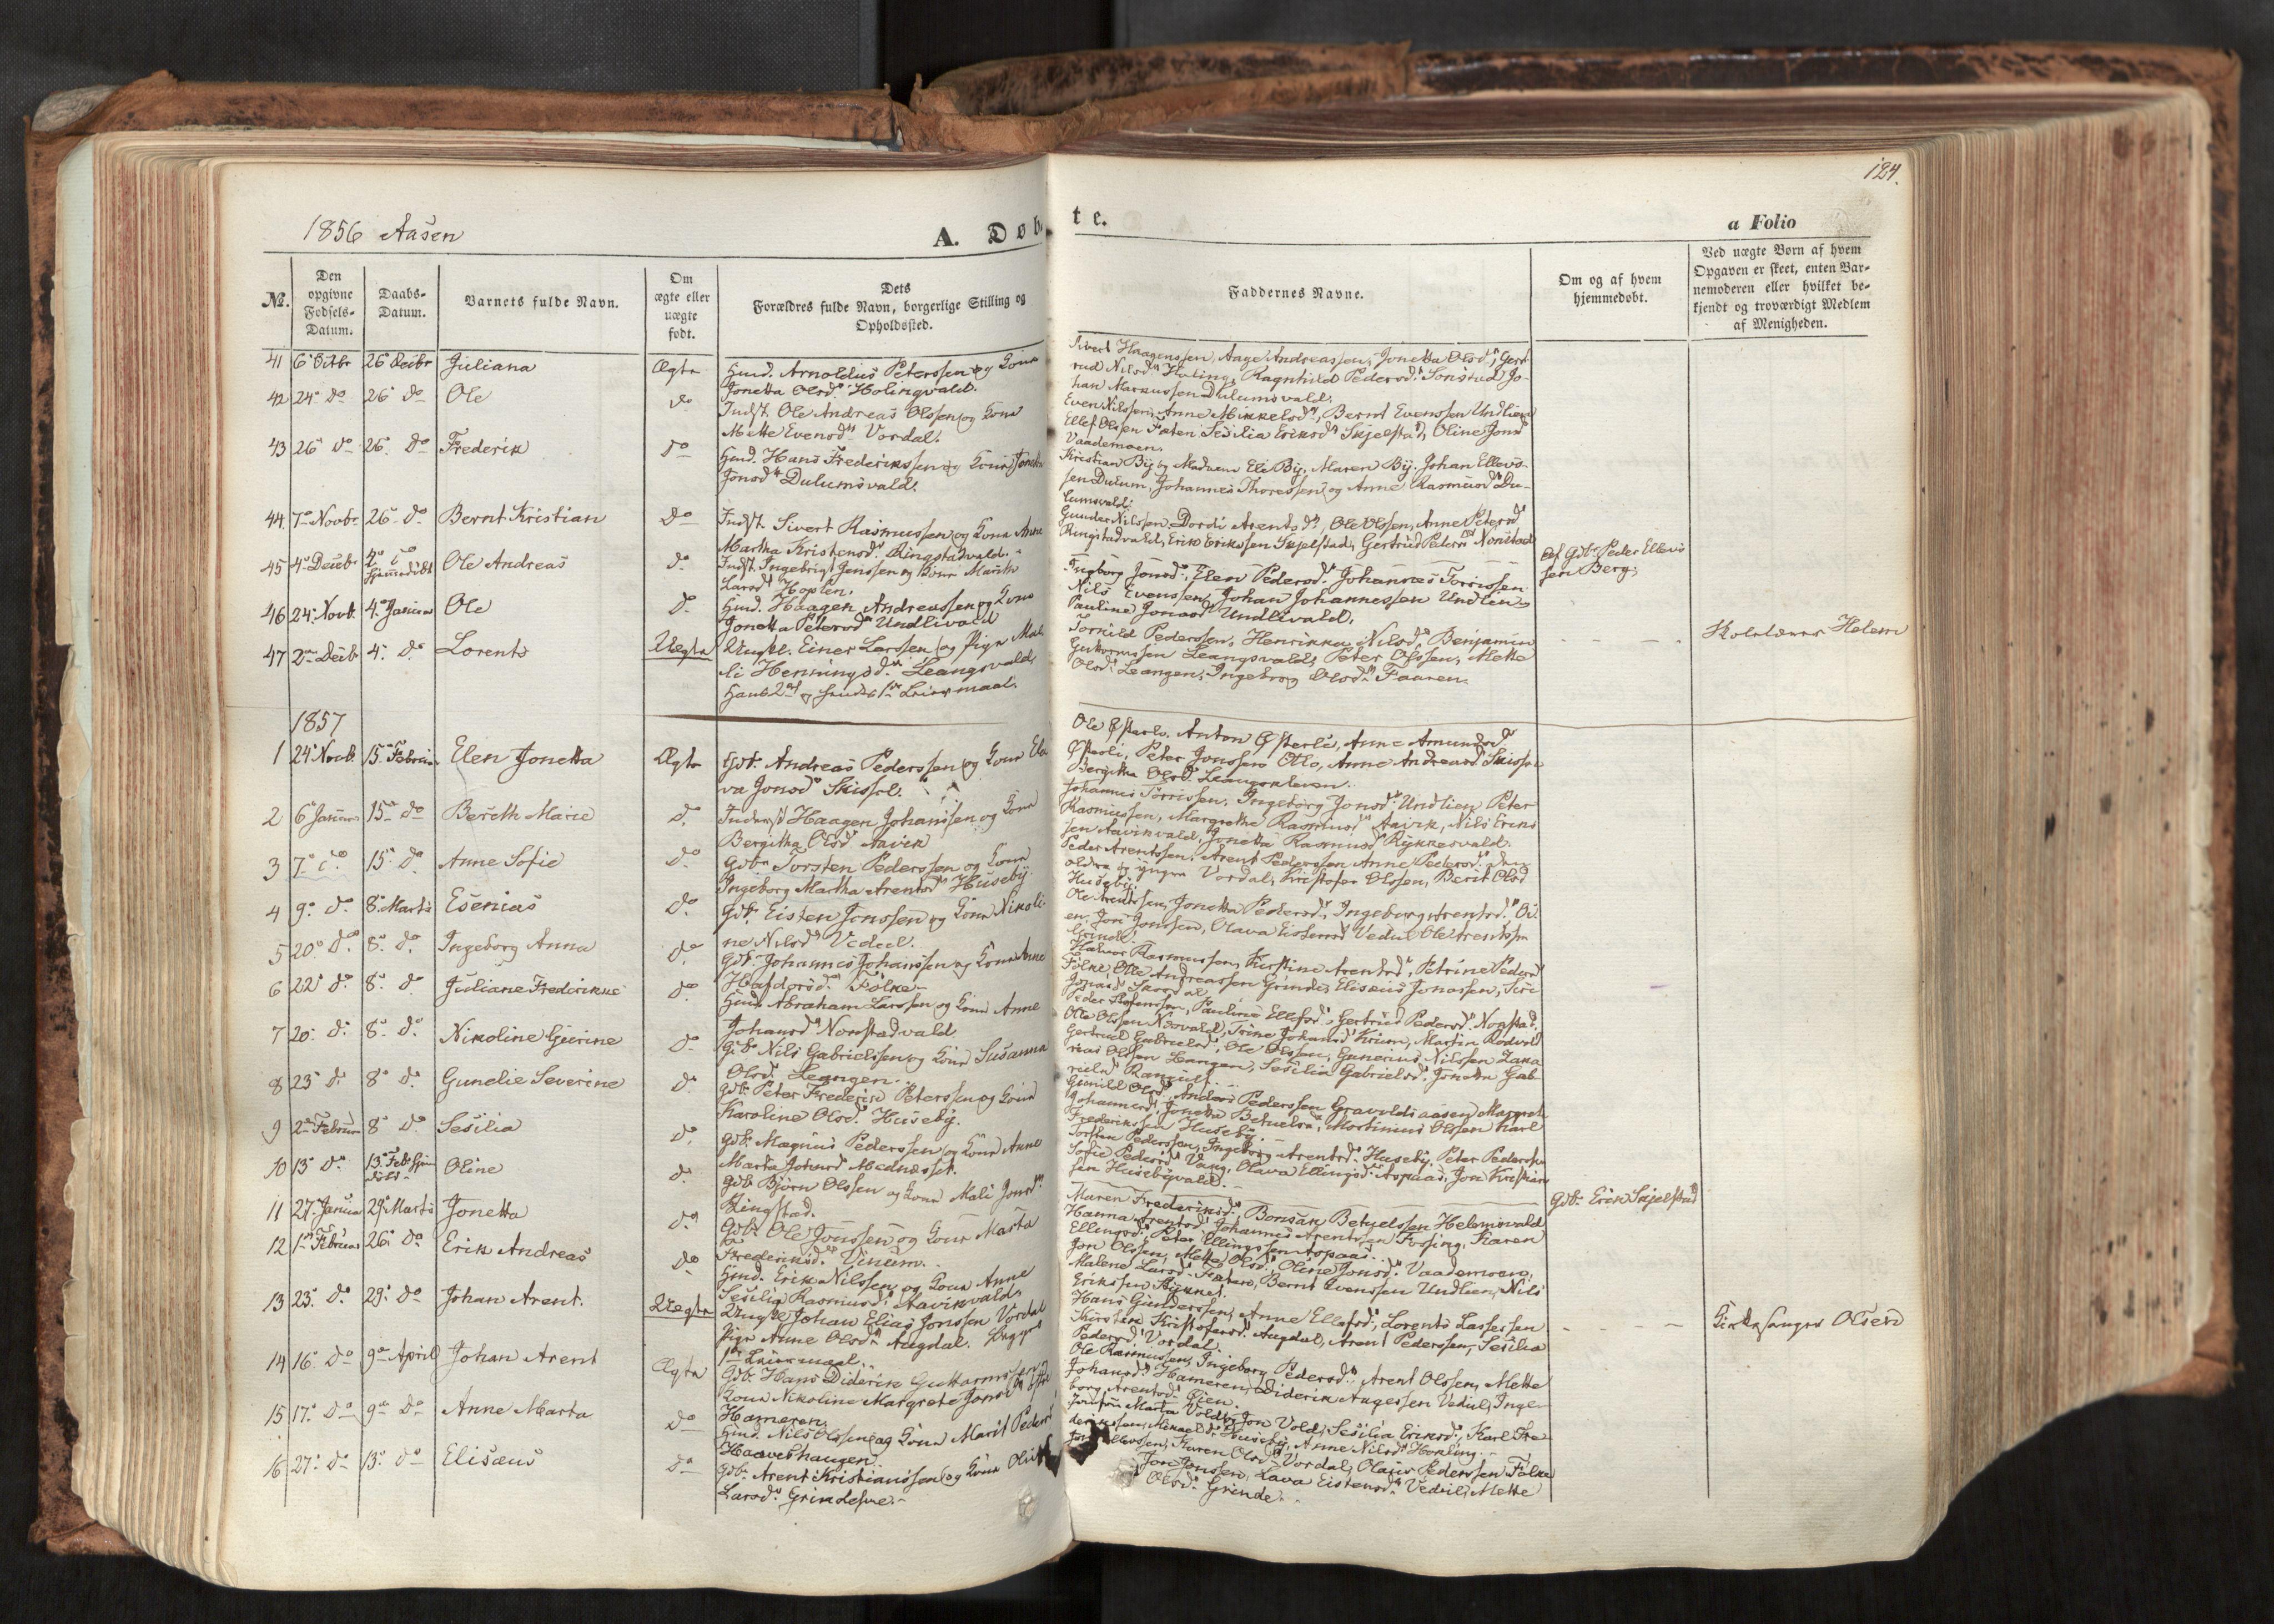 SAT, Ministerialprotokoller, klokkerbøker og fødselsregistre - Nord-Trøndelag, 713/L0116: Ministerialbok nr. 713A07, 1850-1877, s. 124